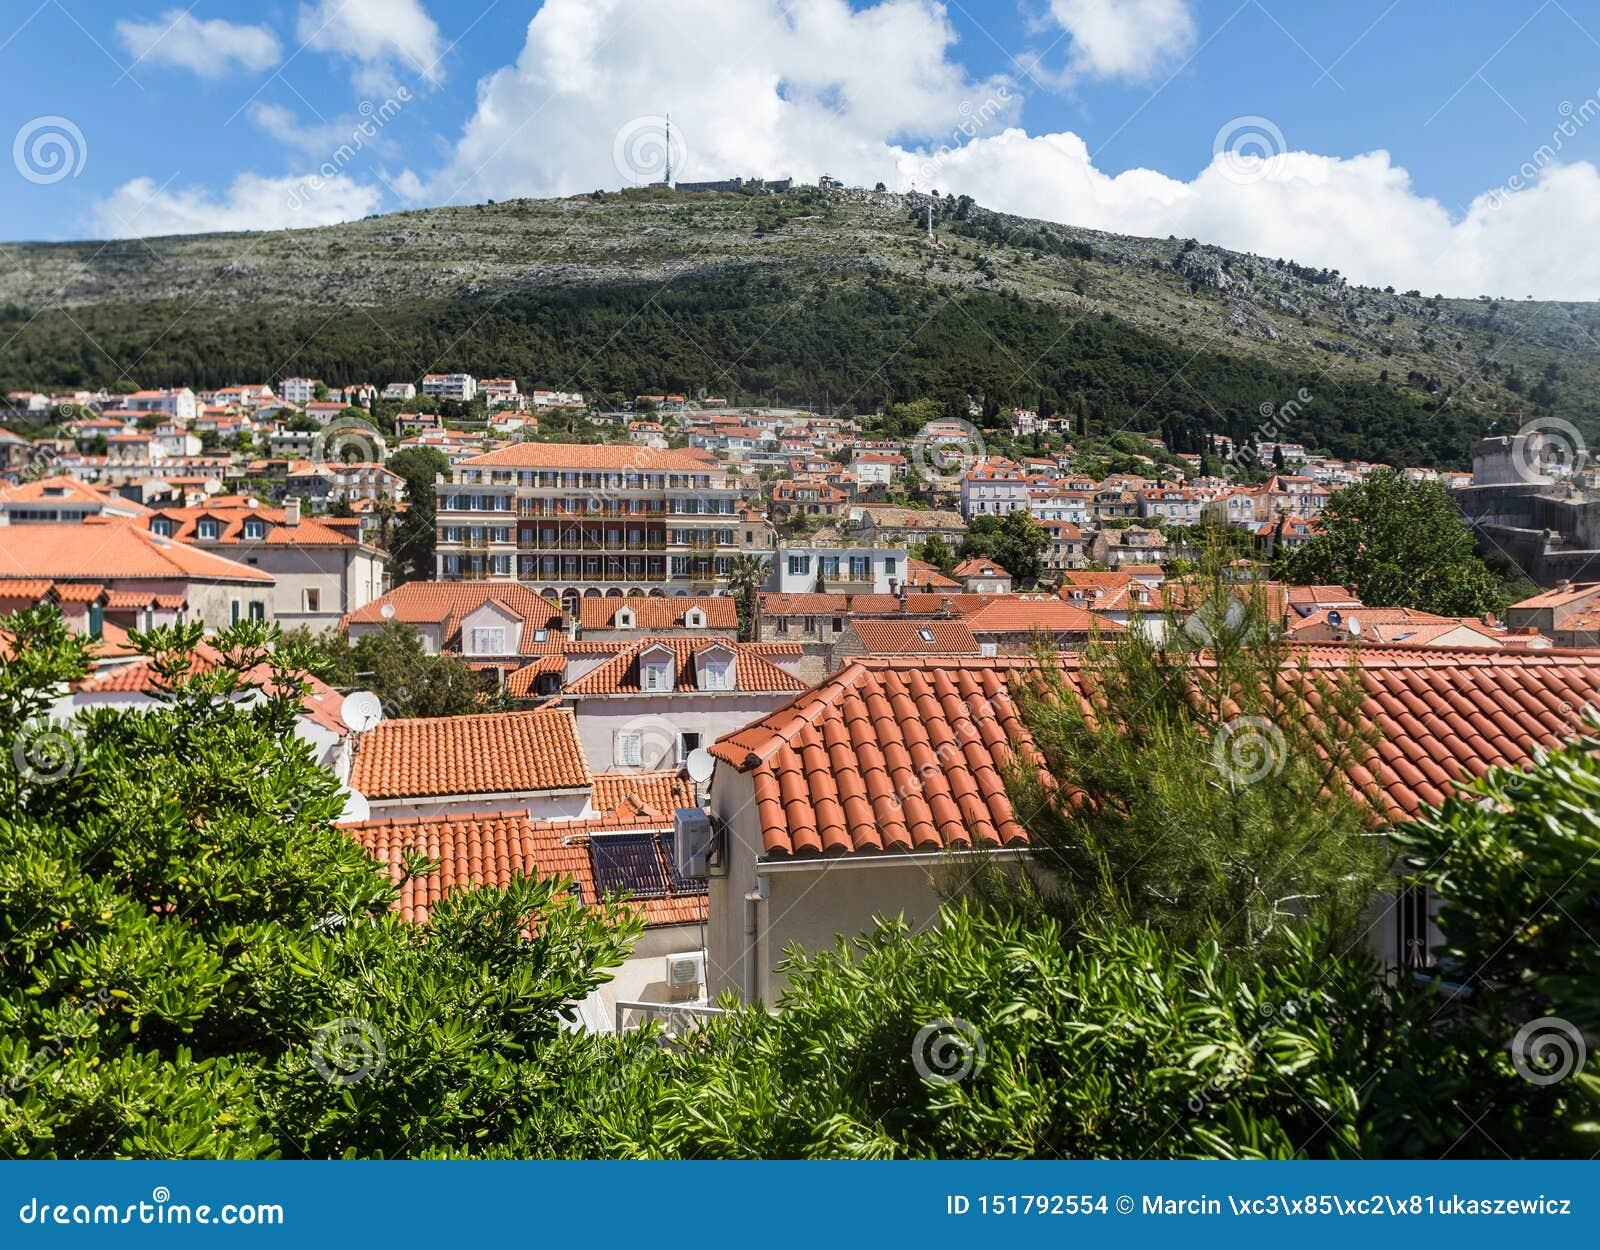 5. Mai 2019 Dubrovnik, Kroatien Moderner Stadtteil